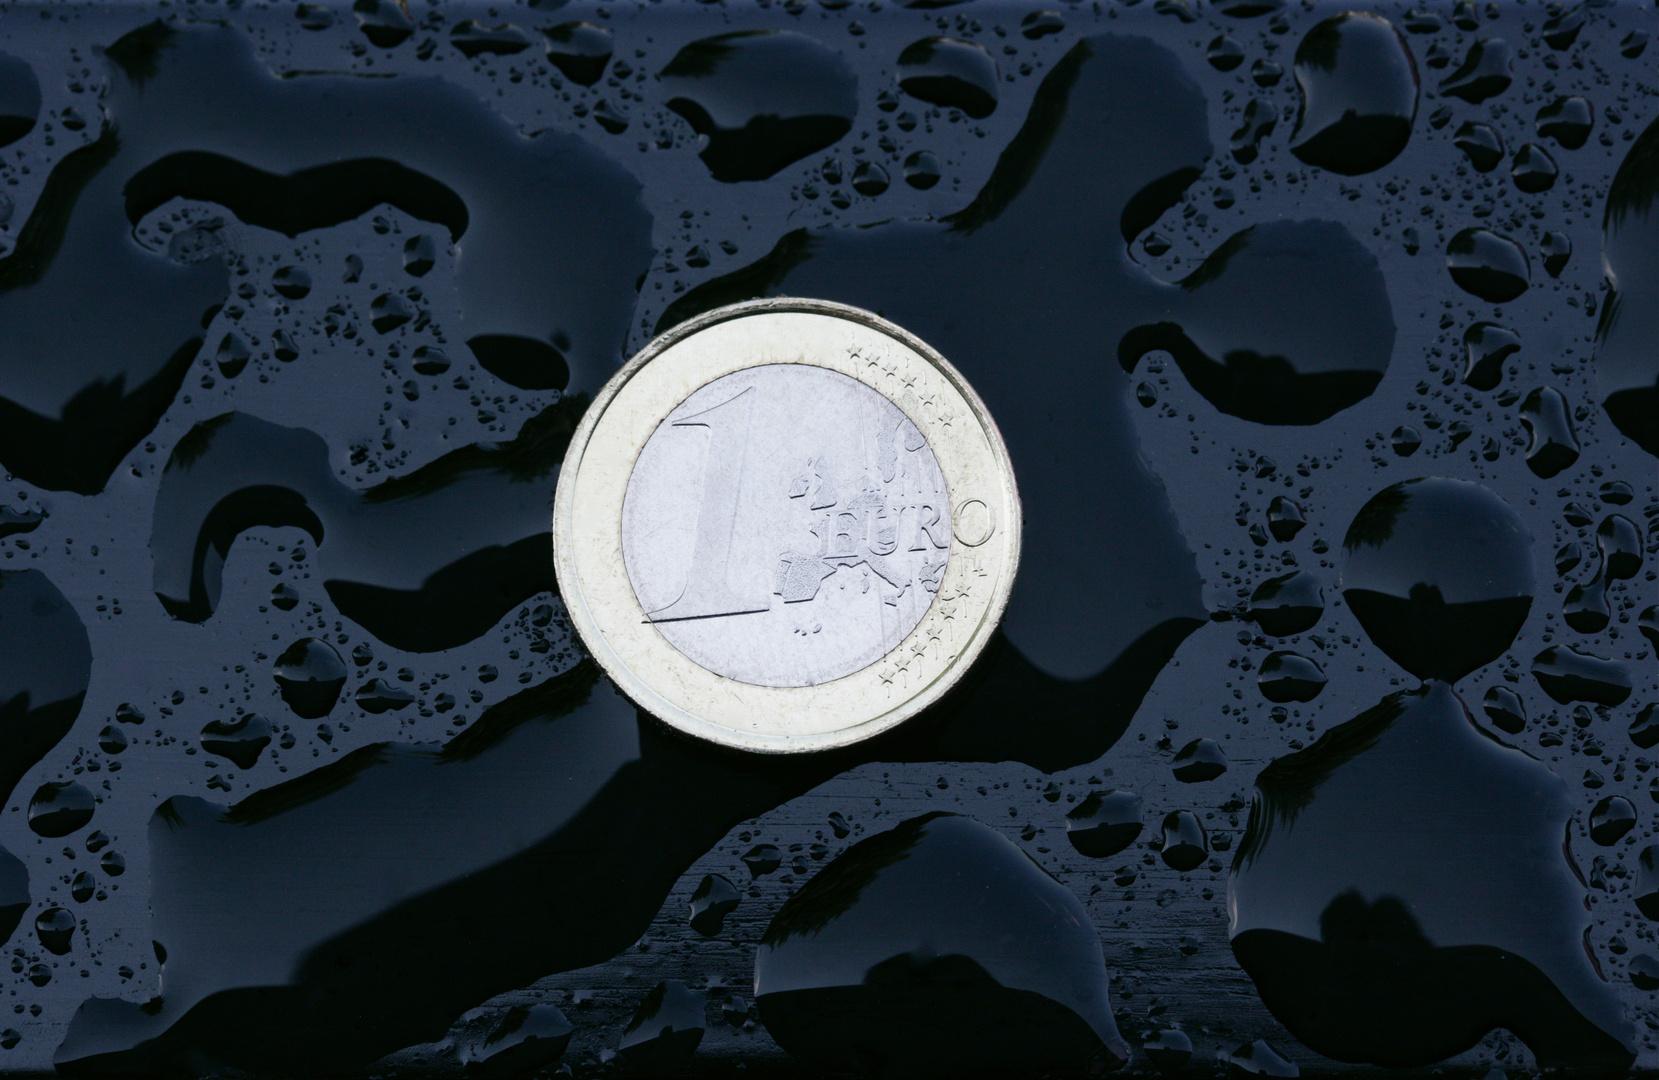 1 Euro In Wassertropfen Foto Bild Stillleben Geld Münzen Usw